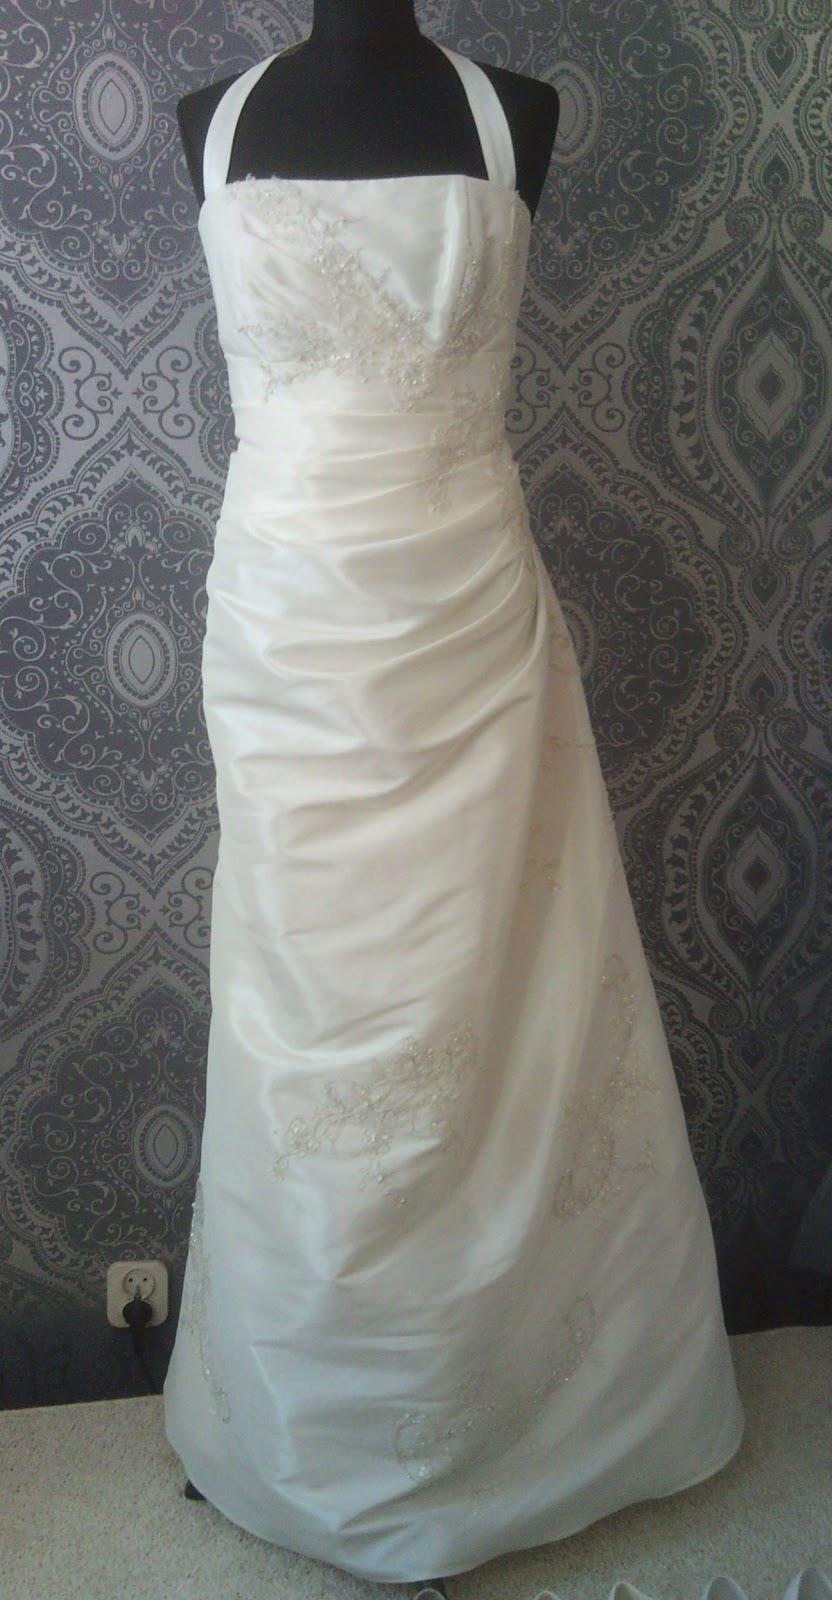 cd14a20da1 Suknia ślubna wykonana z tafty. Jednoczęściowa. Fason litery A. Dekolt  prosty. Ramiączka zapinane na szyi. Marszczenia w talii podkreślają  sylwetkę.